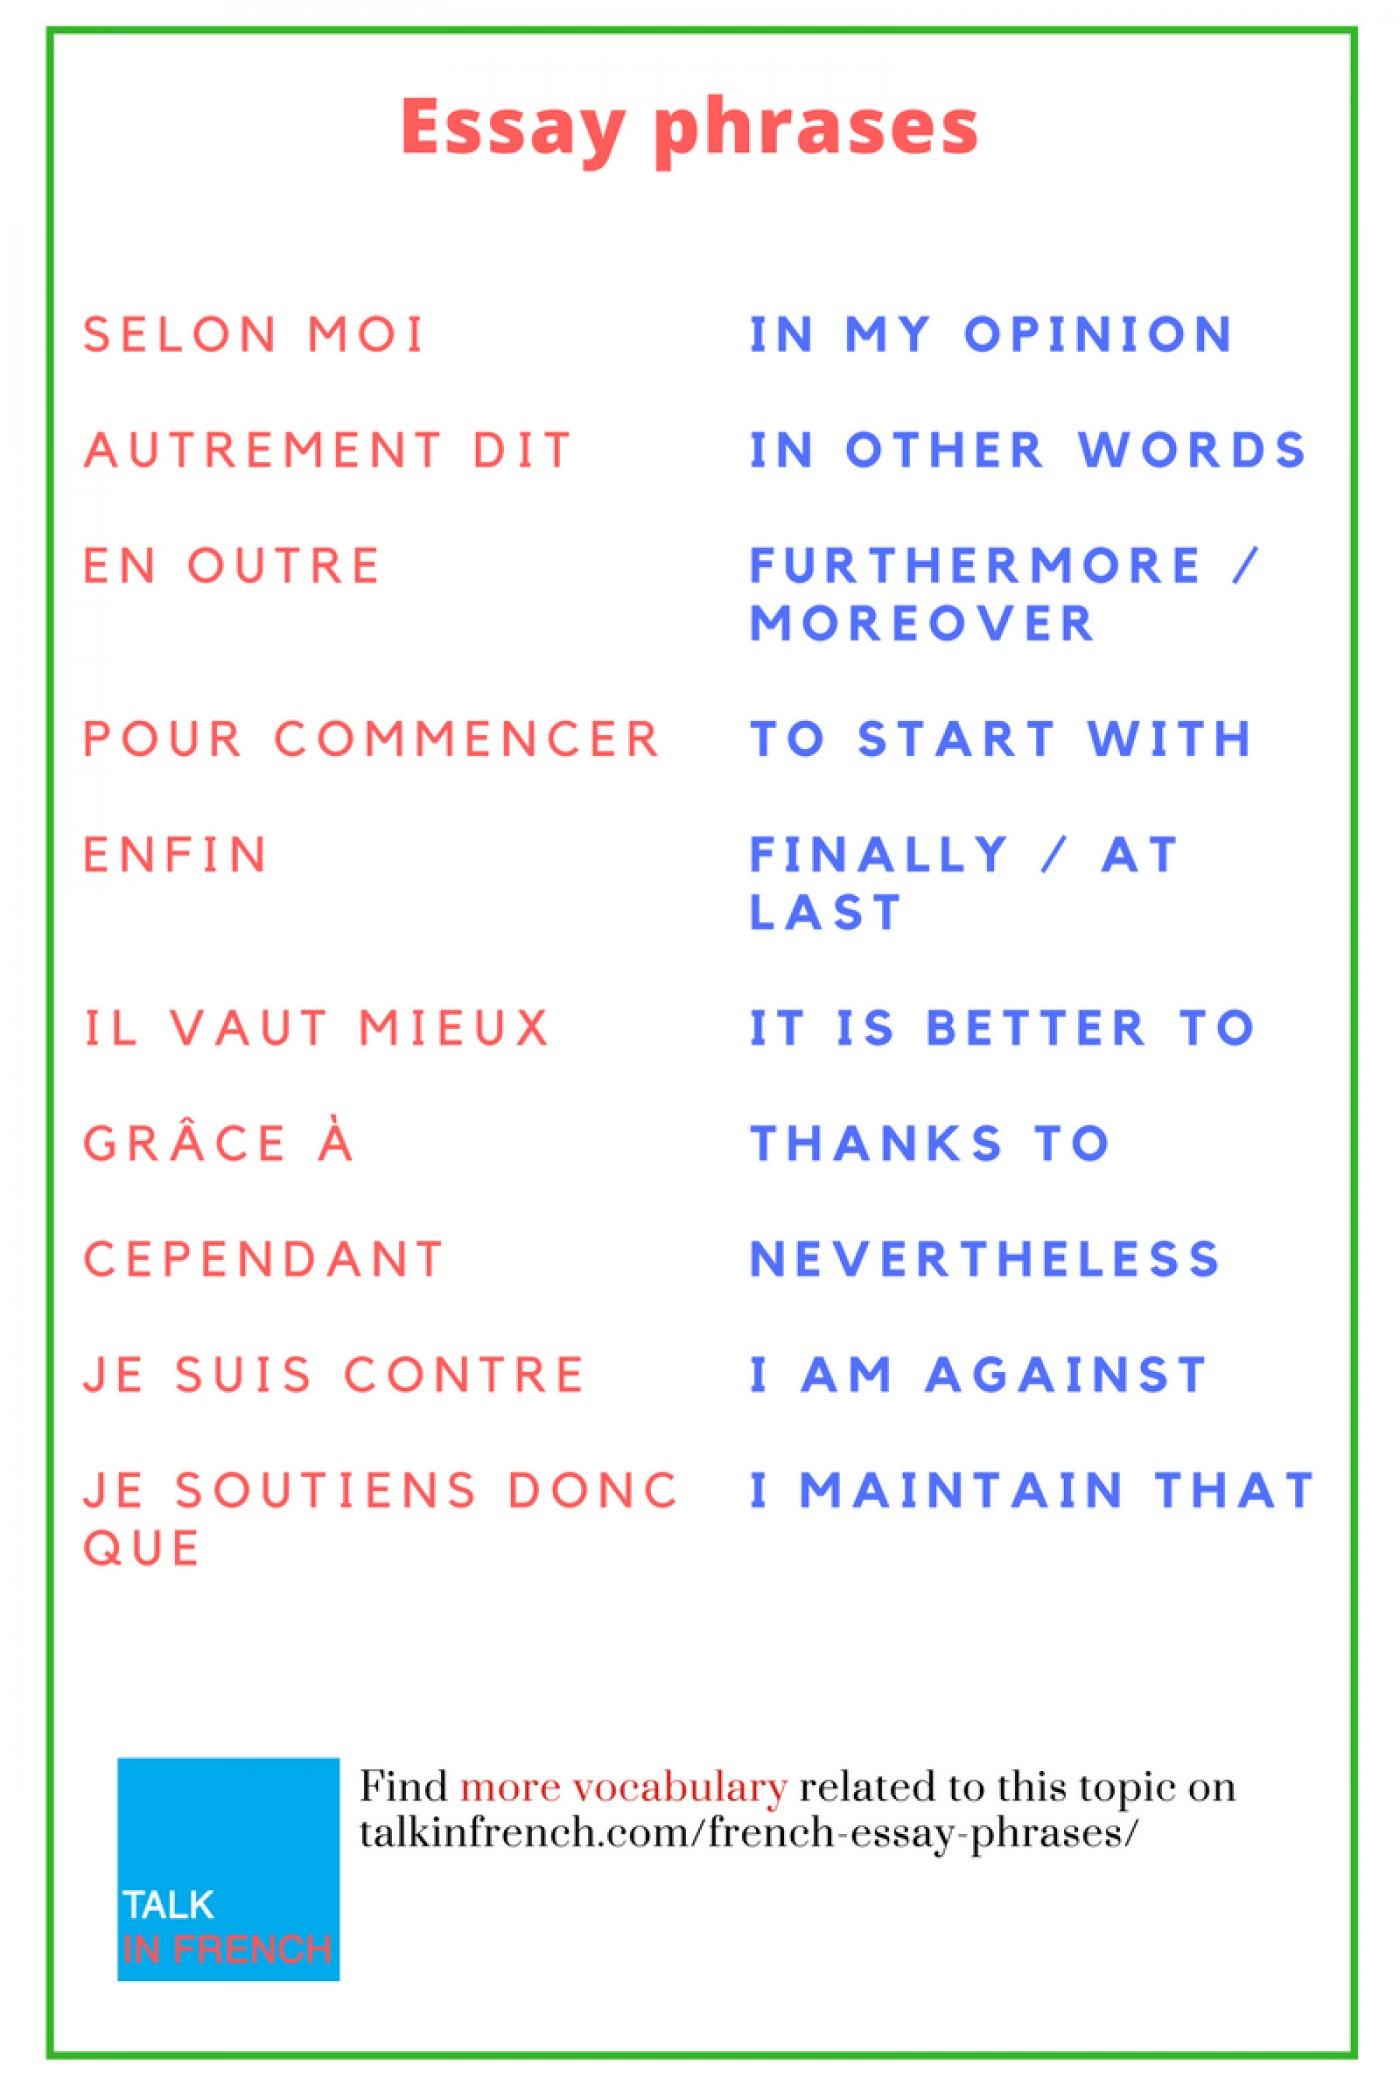 006 Essay Example Vocabulary Enhancer Fantastic Free 1400